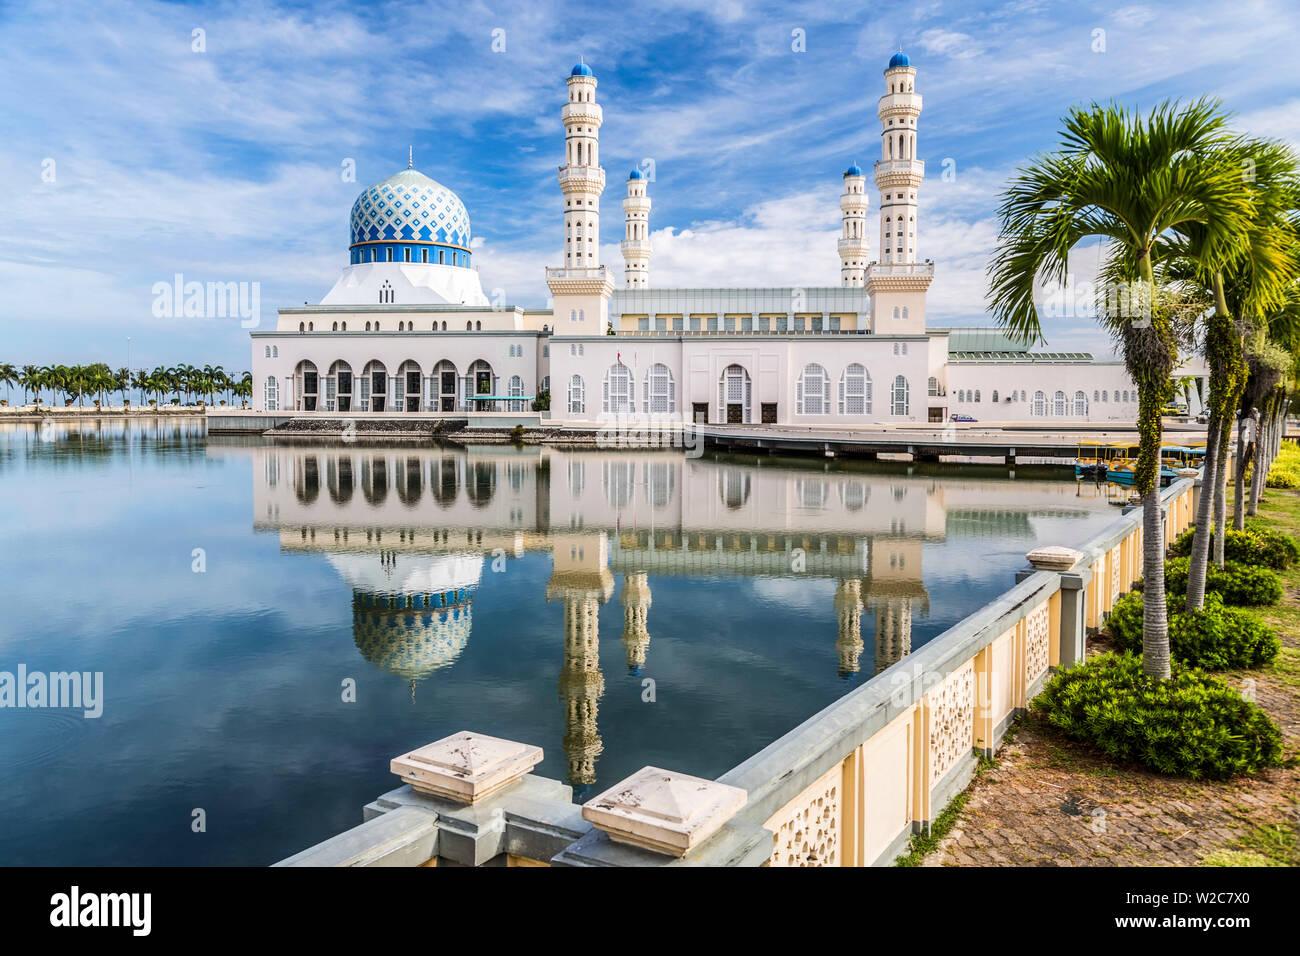 City Mosque at Likas Bay. Kota Kinabalu, Sabah, Borneo, Malaysia. - Stock Image